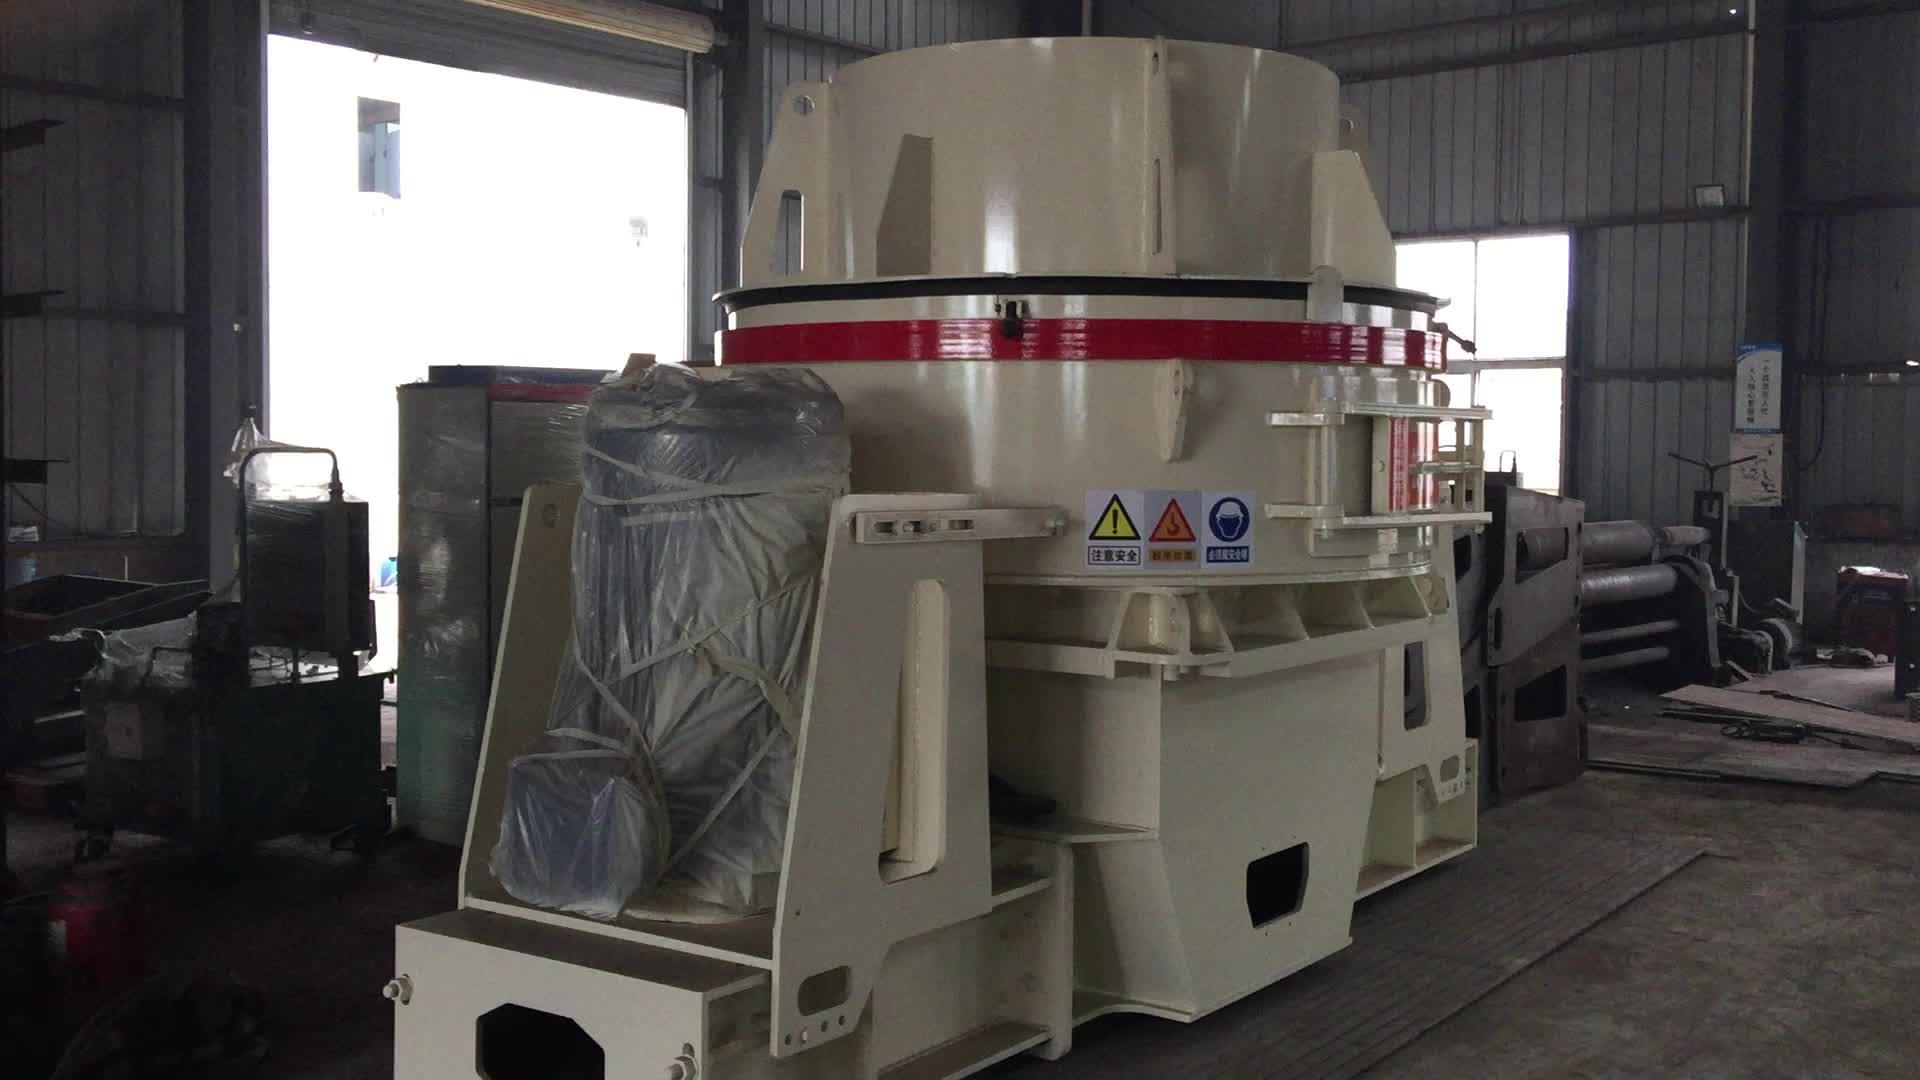 निर्माता थोक उच्च दक्षता ऊर्ध्वाधर शाफ्ट impactor कोल्हू रेत बनाने की मशीन रेत निर्माता